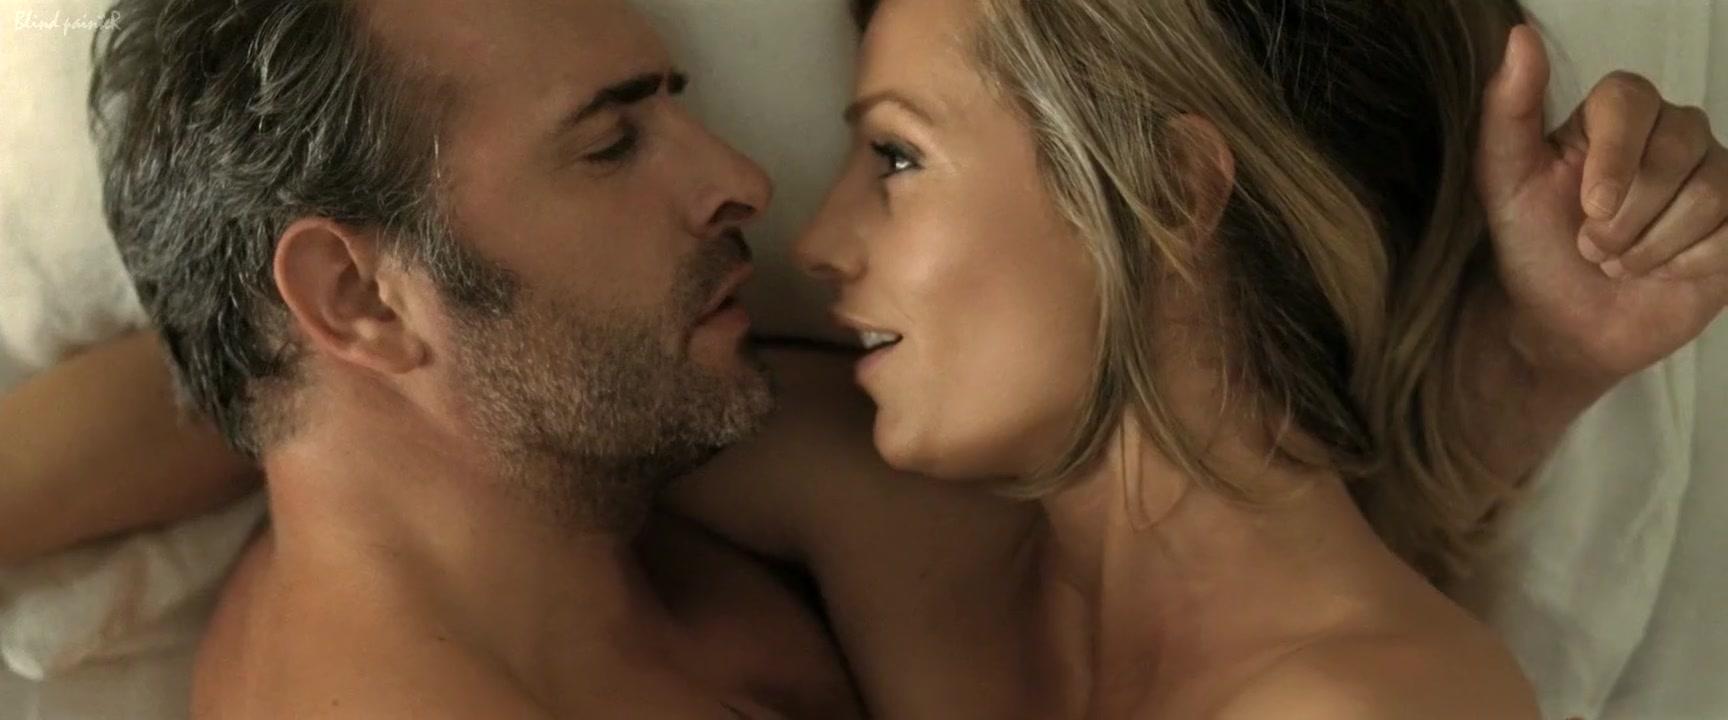 Sampdoria lazio yahoo dating Porn archive